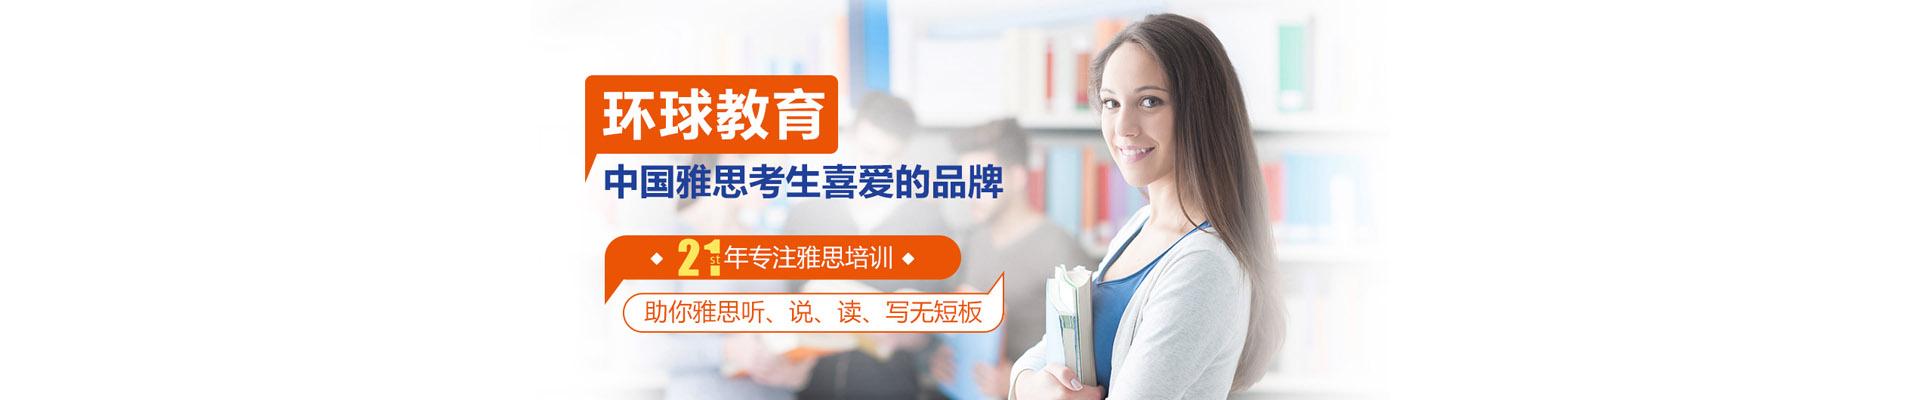 桂林环球雅思培训学校